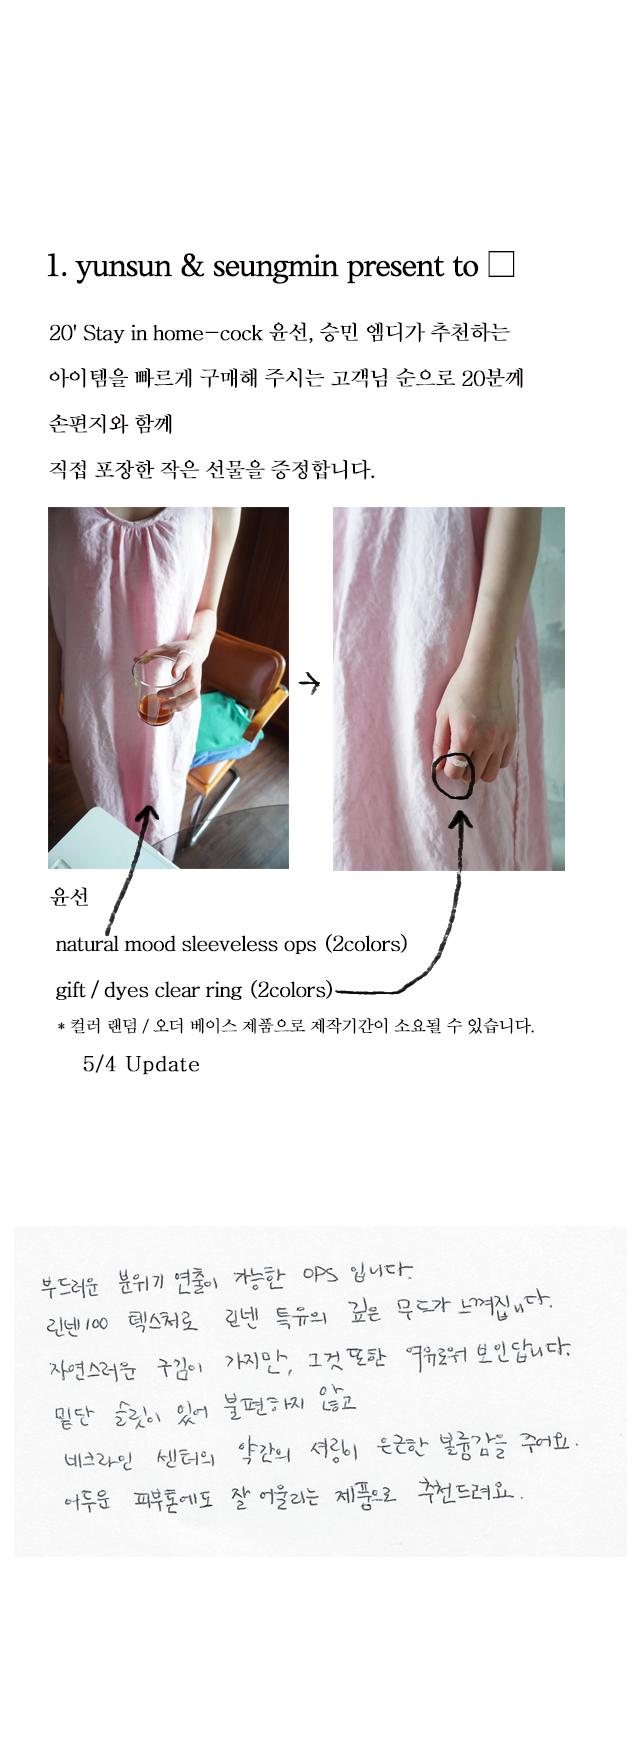 natural mood sleeveless ops